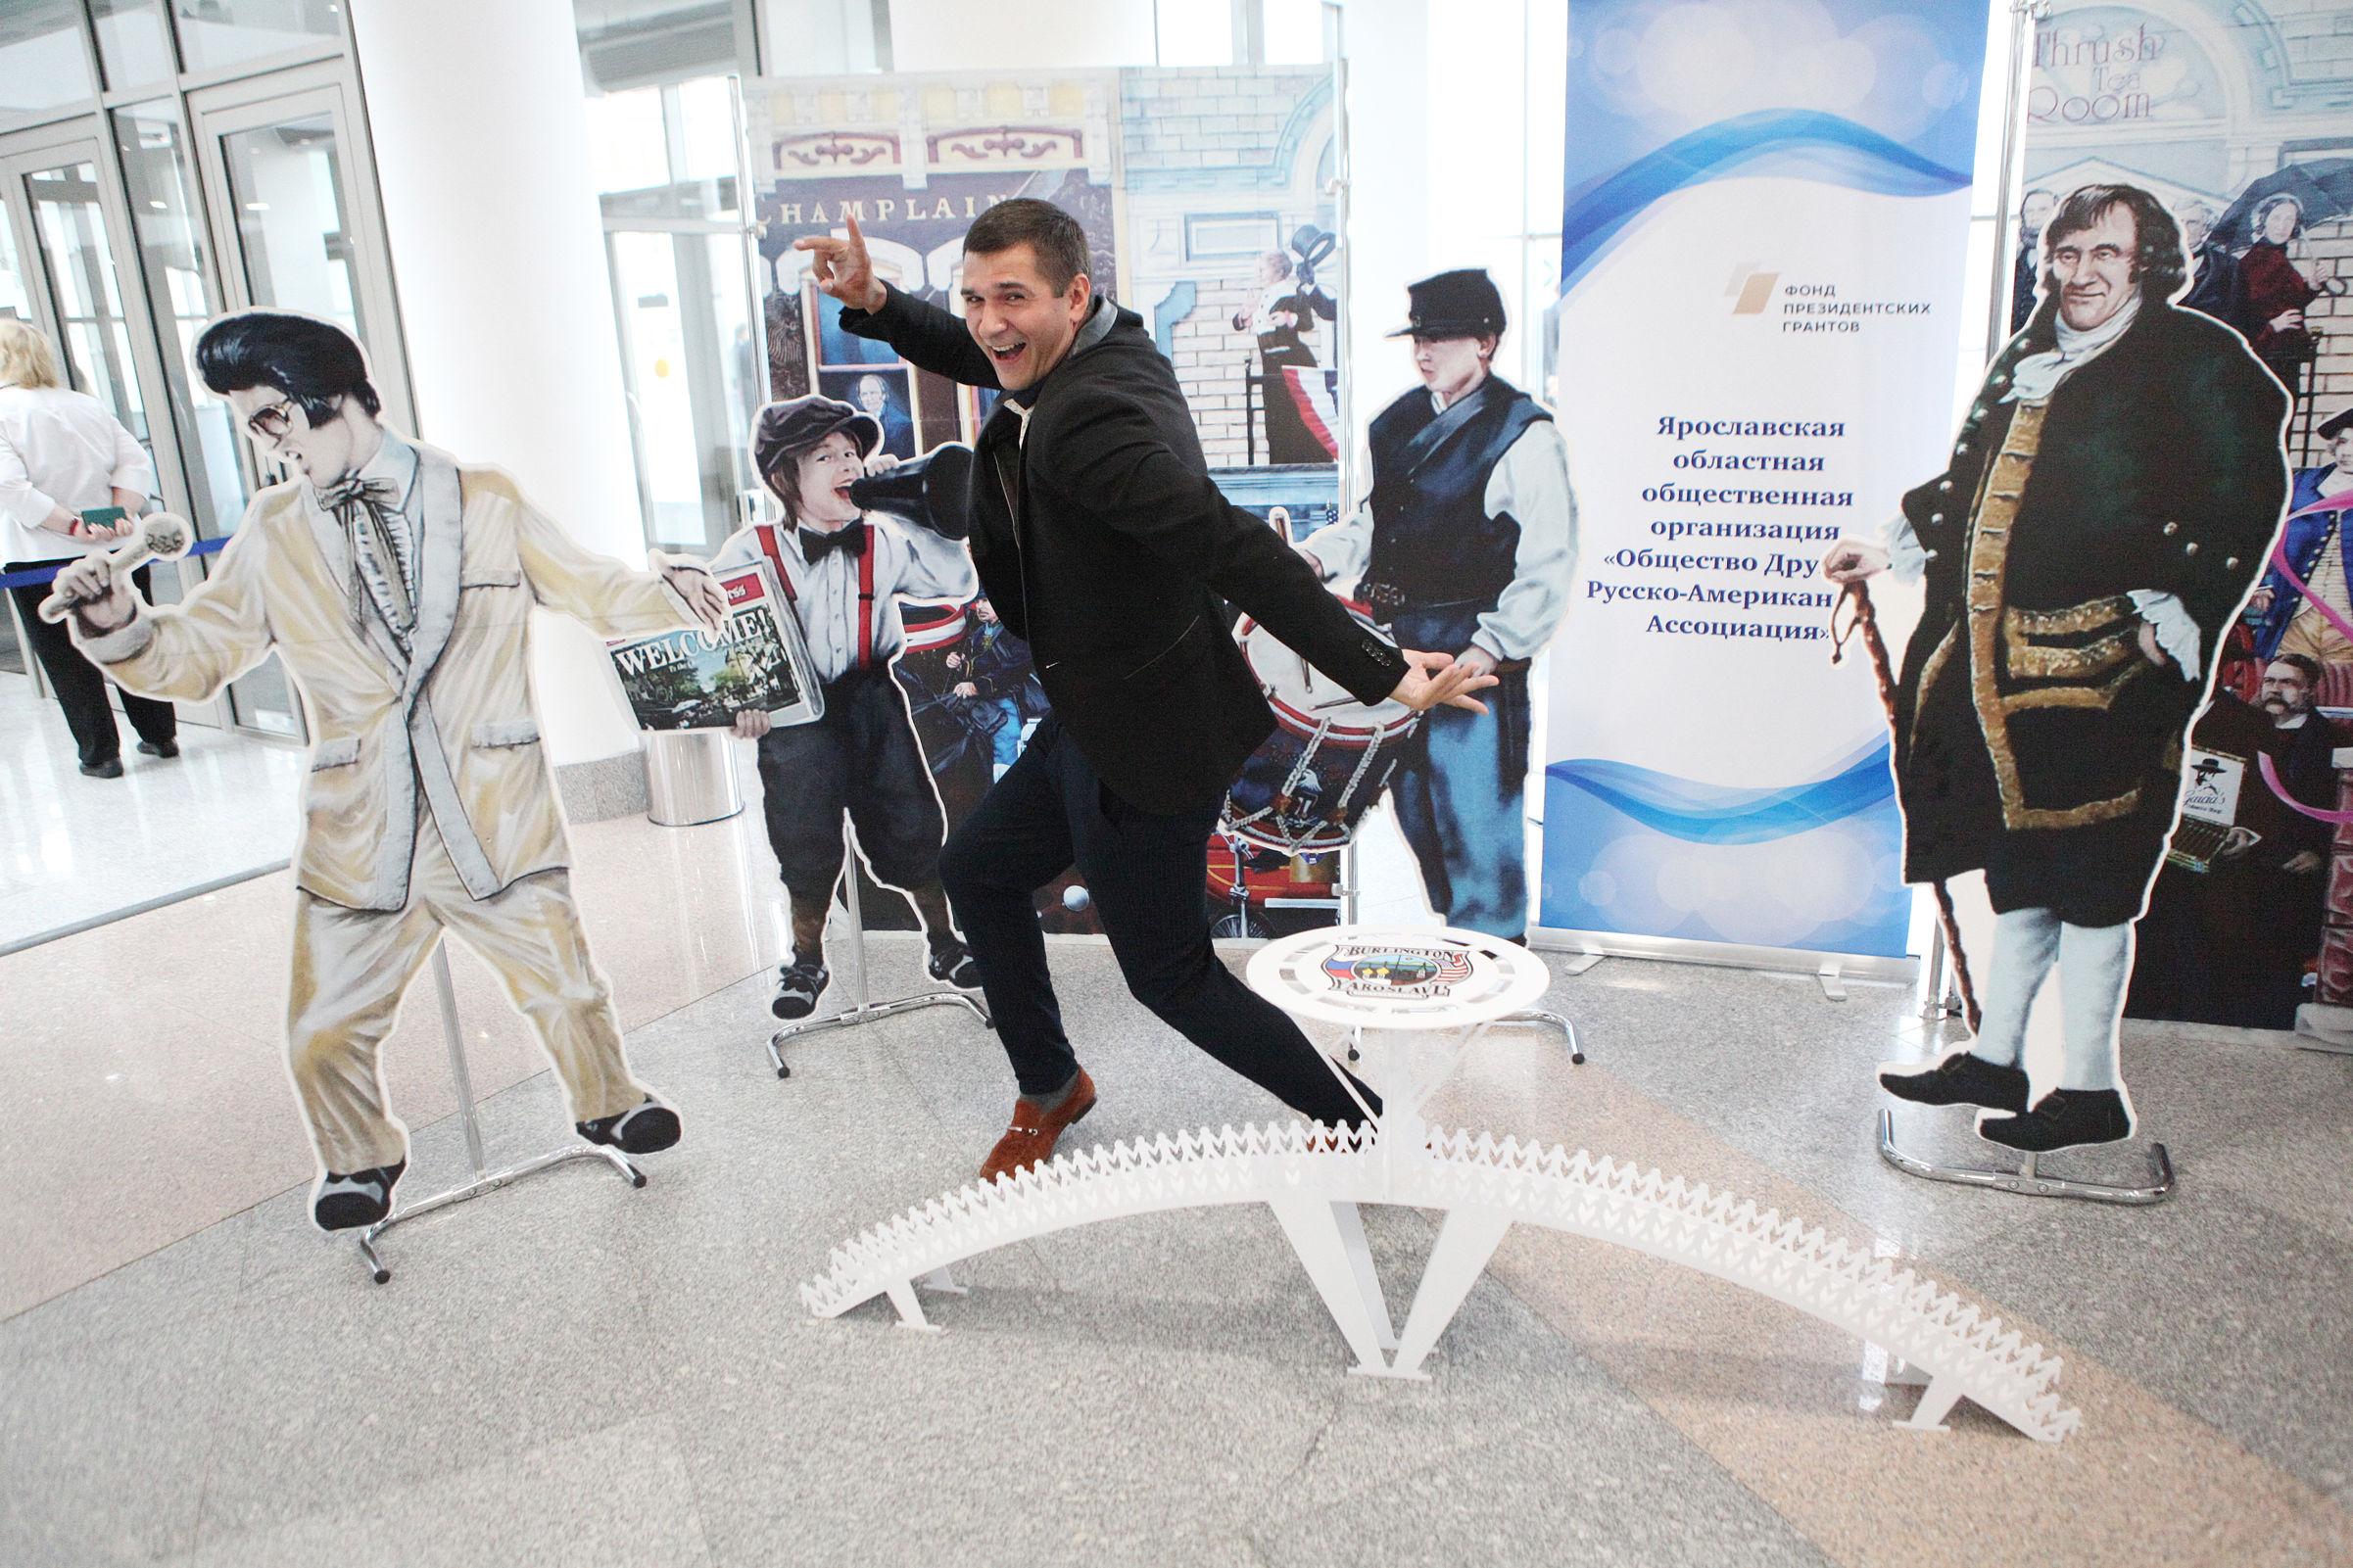 Велосипед-рекордсмен, балы и танцы. Какие проекты удивили посетителей форума в Ярославле